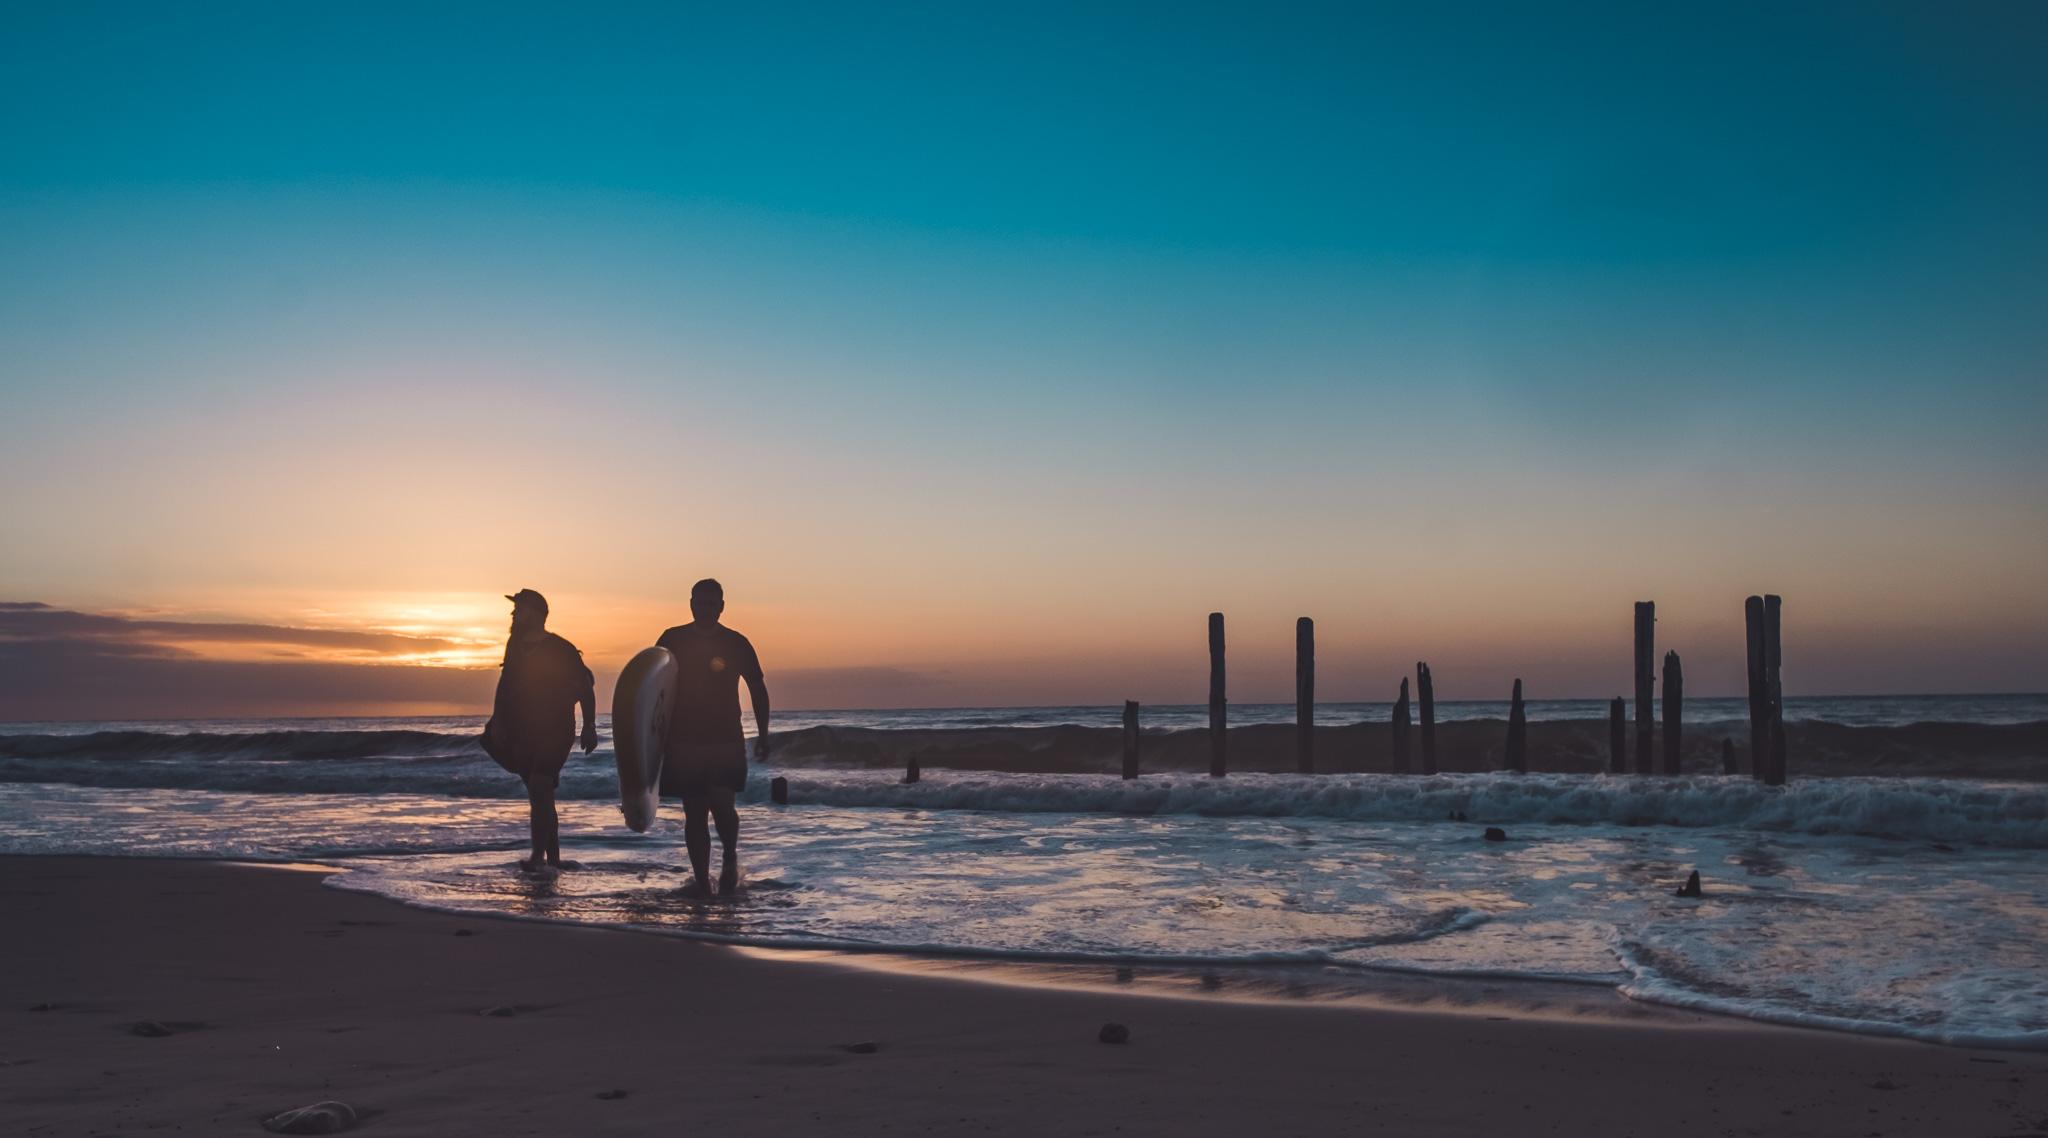 Port Willunga Sunset  21mm Lens F11 @ 1/60 Shutter Speed on ISO 80.